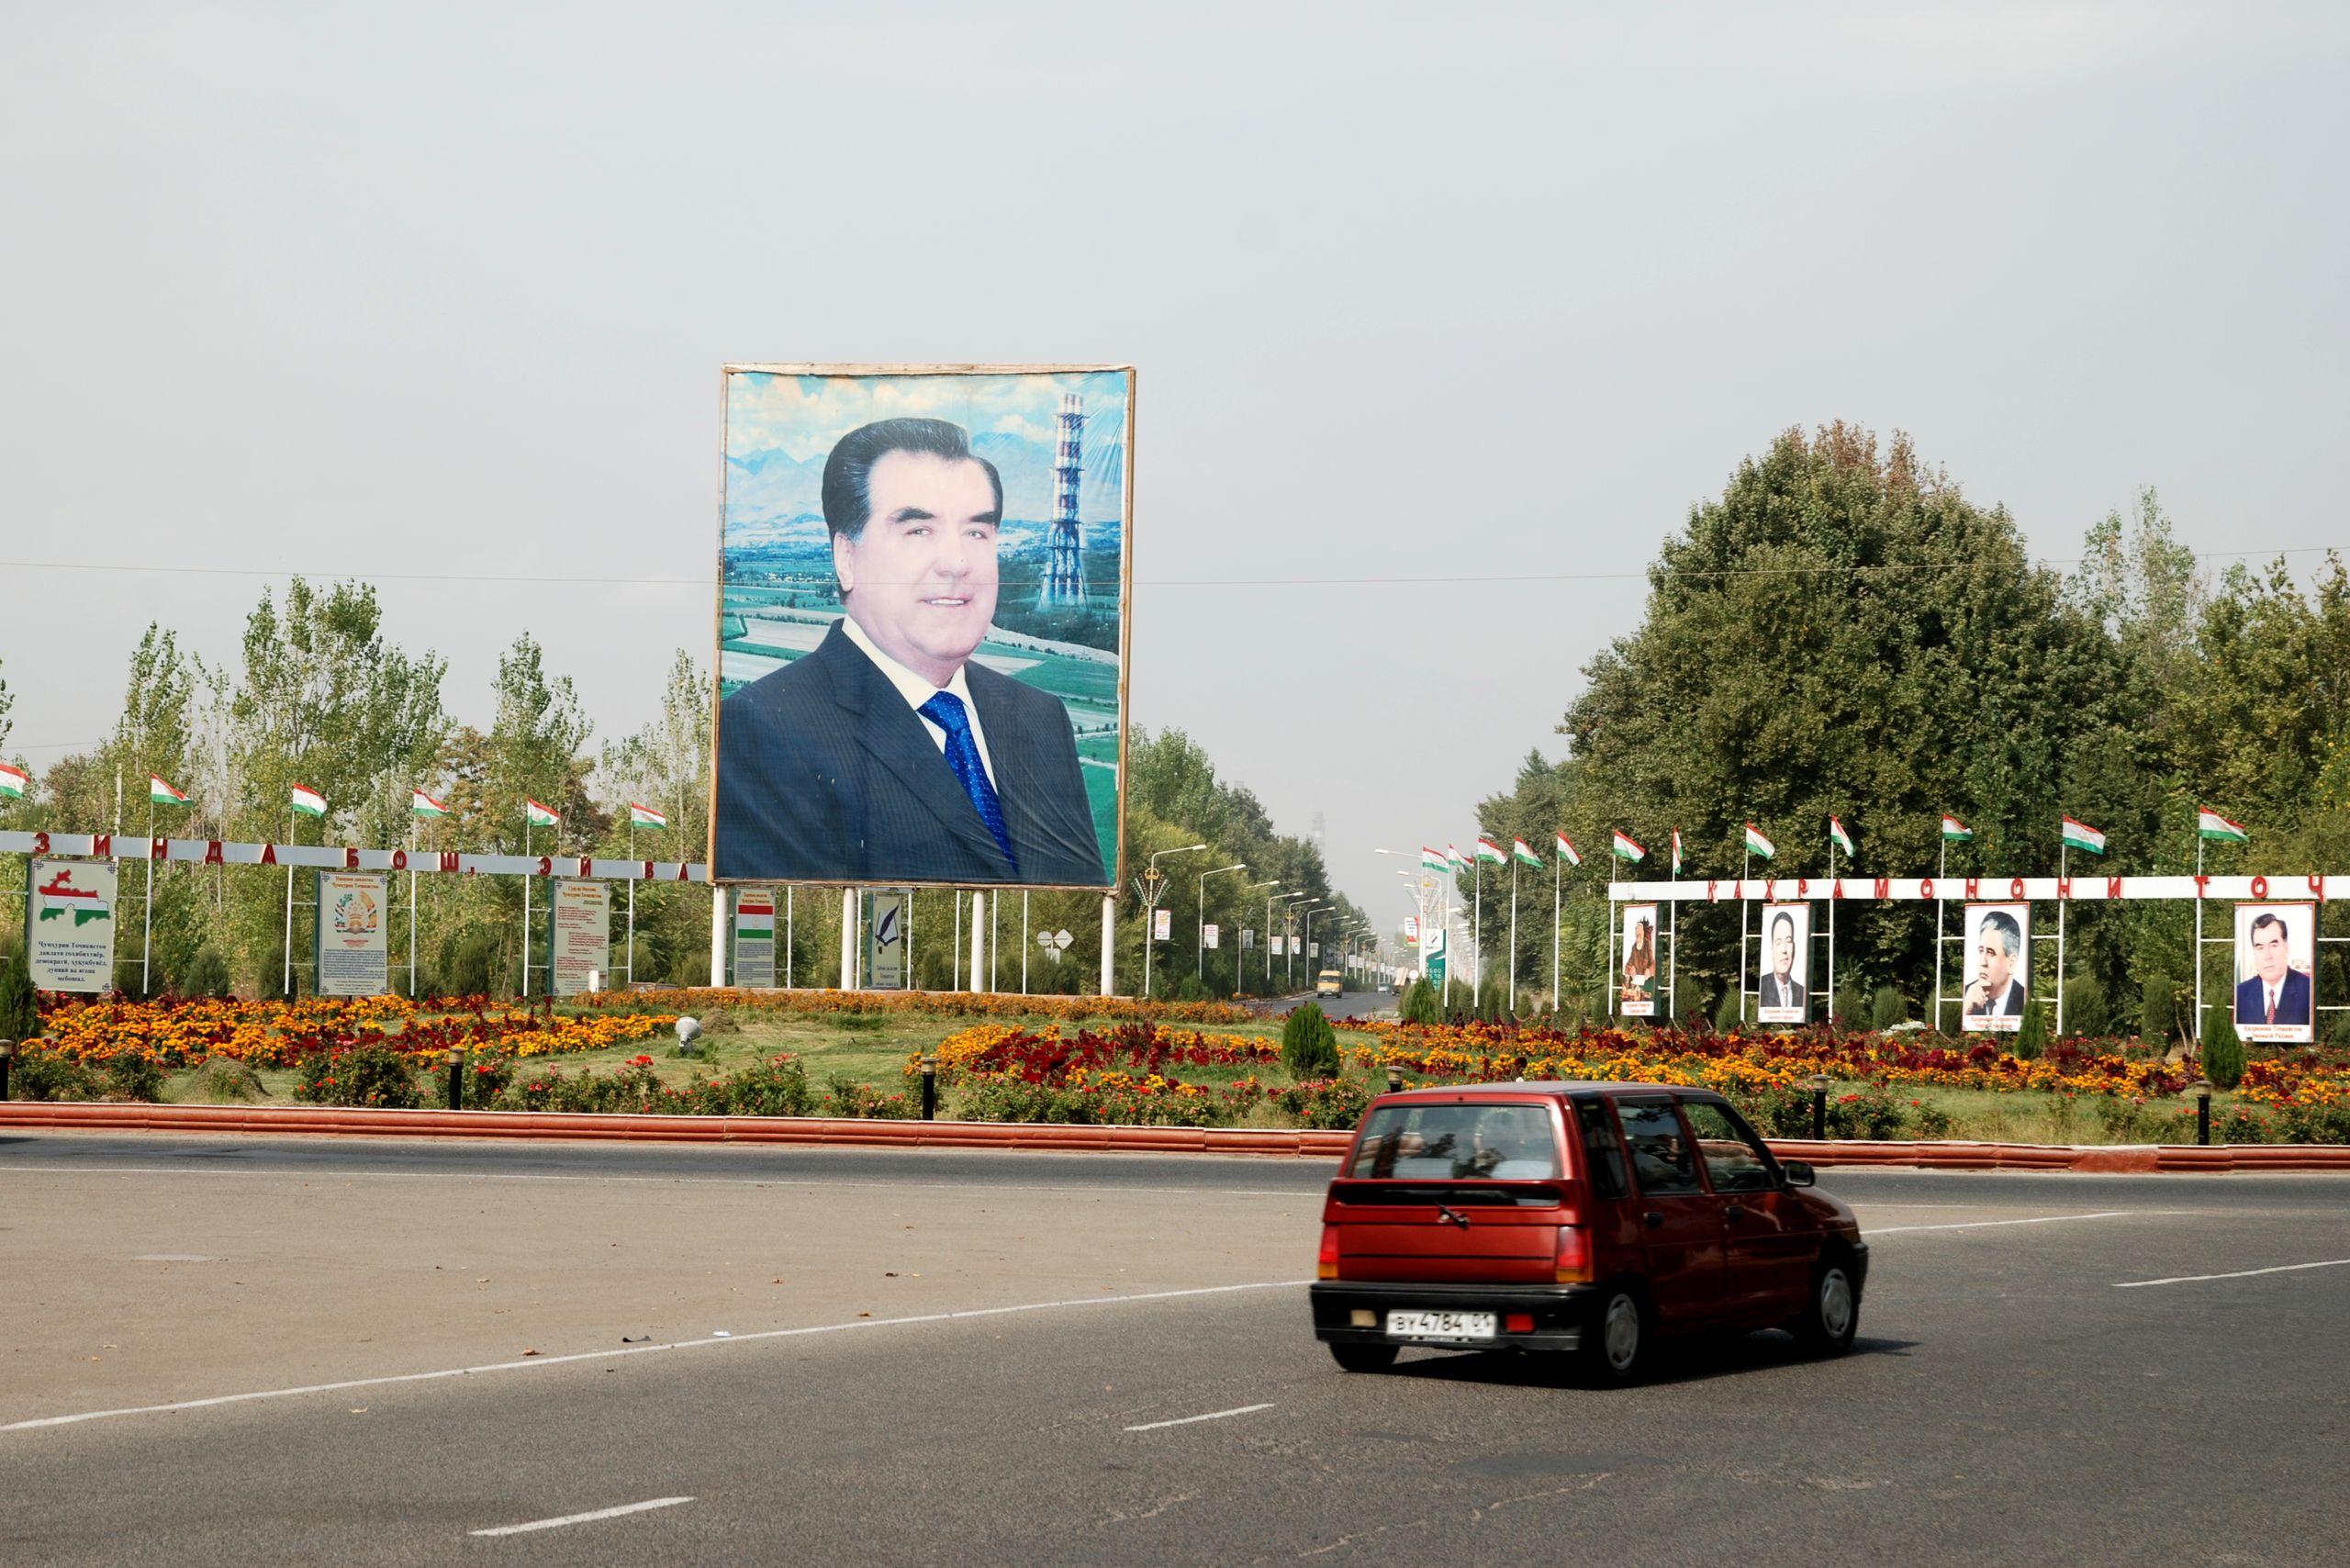 Tagikistan al voto, tra immobilismo e geopolitica